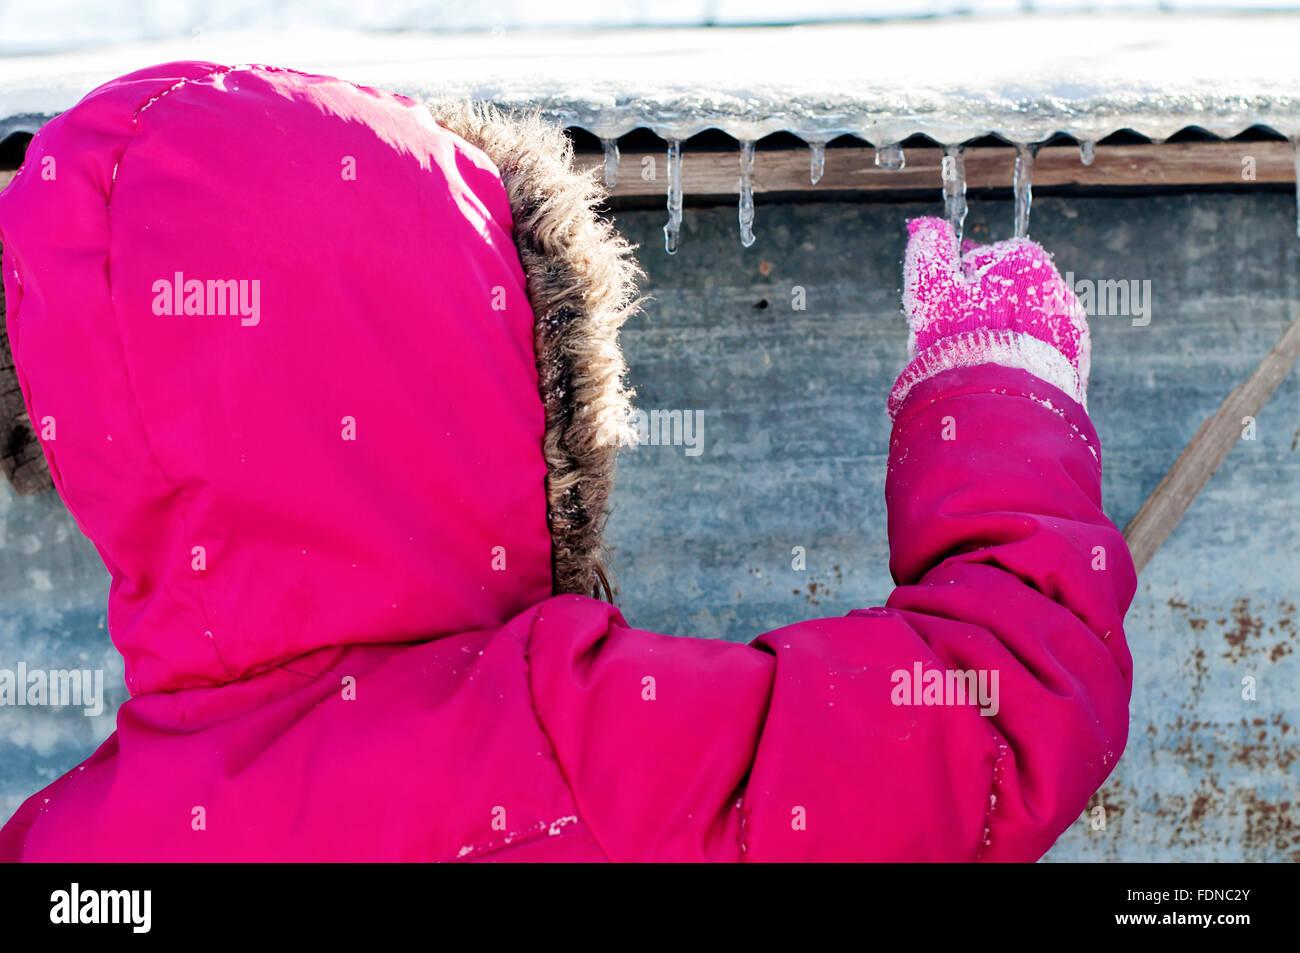 En hiver, l'enfant de glaçons préparation barn Photo Stock